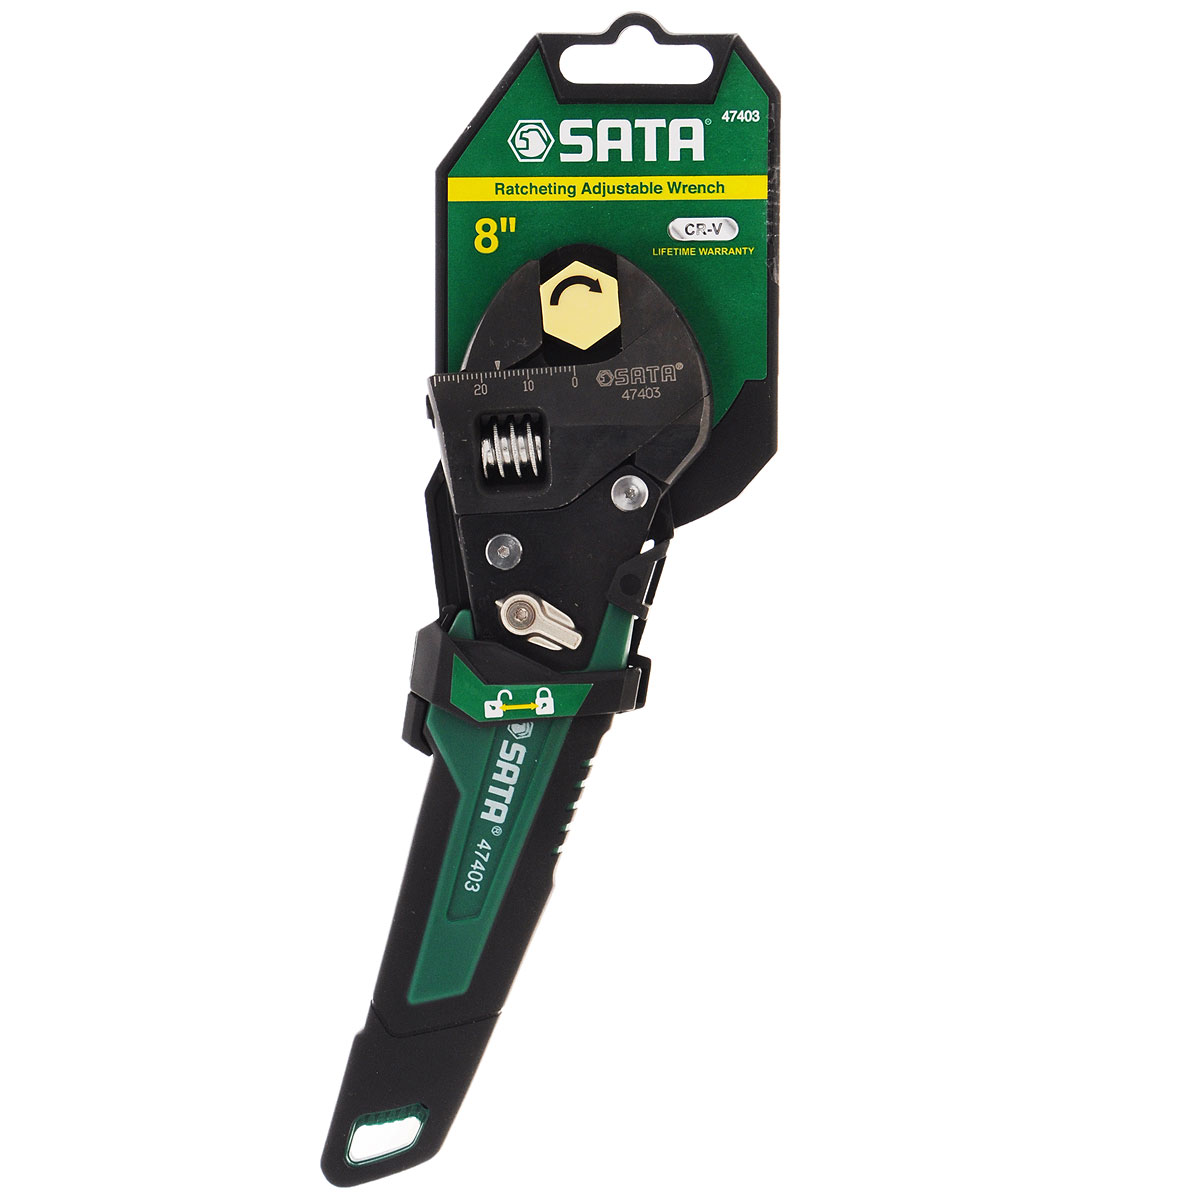 Разводной ключ SATA 47403 ключ разводной хромированный truper 20 3 см